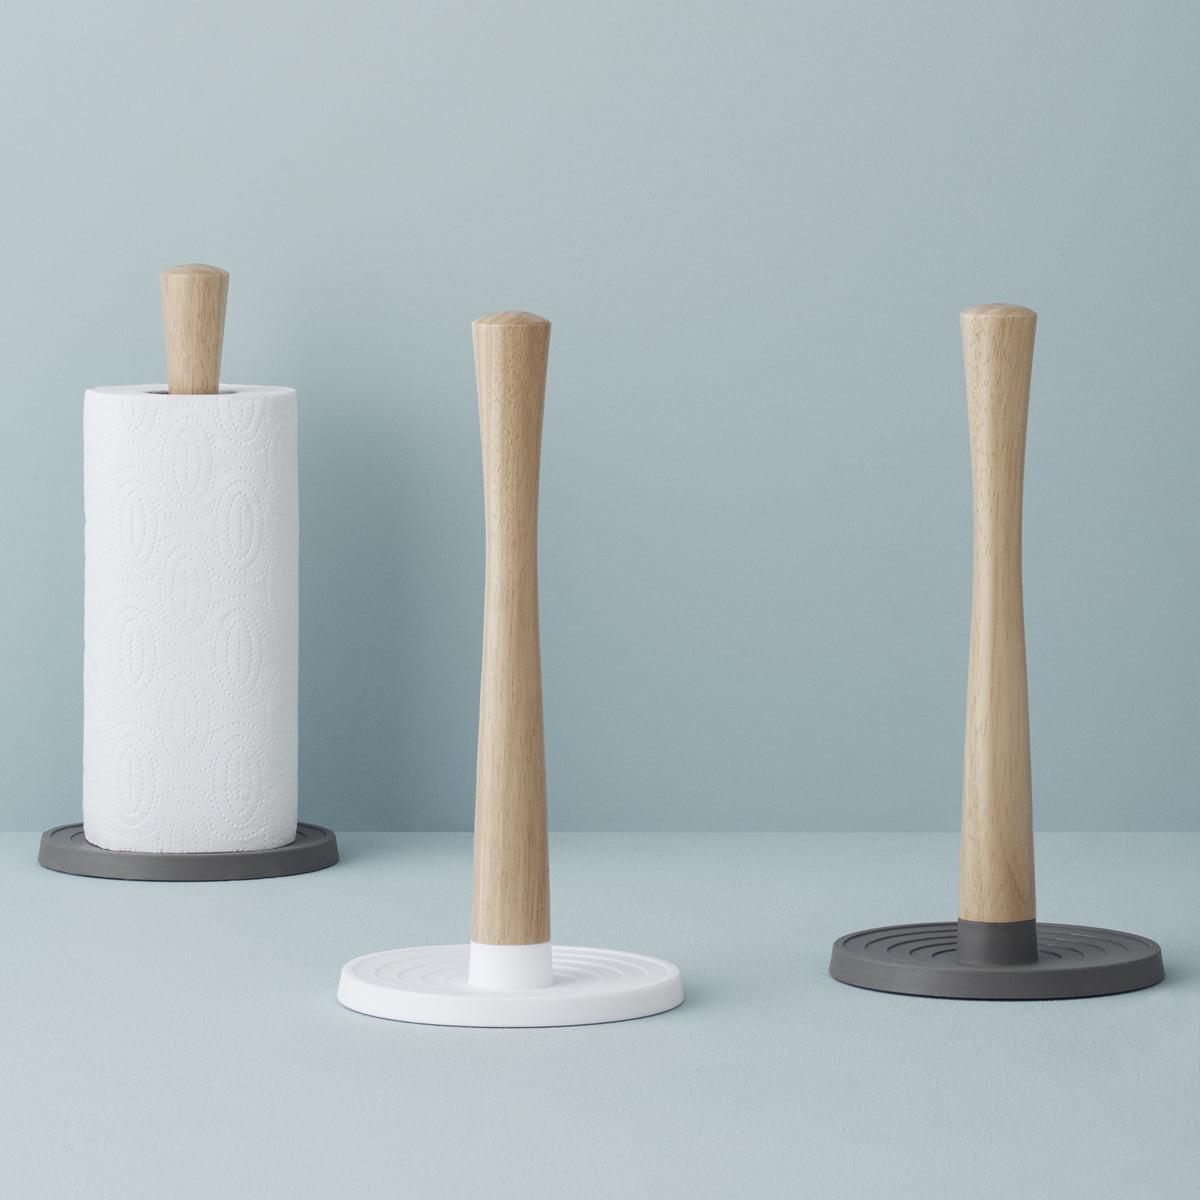 Roll-it Küchenrollenhalter von Rig-Tig by Stelton